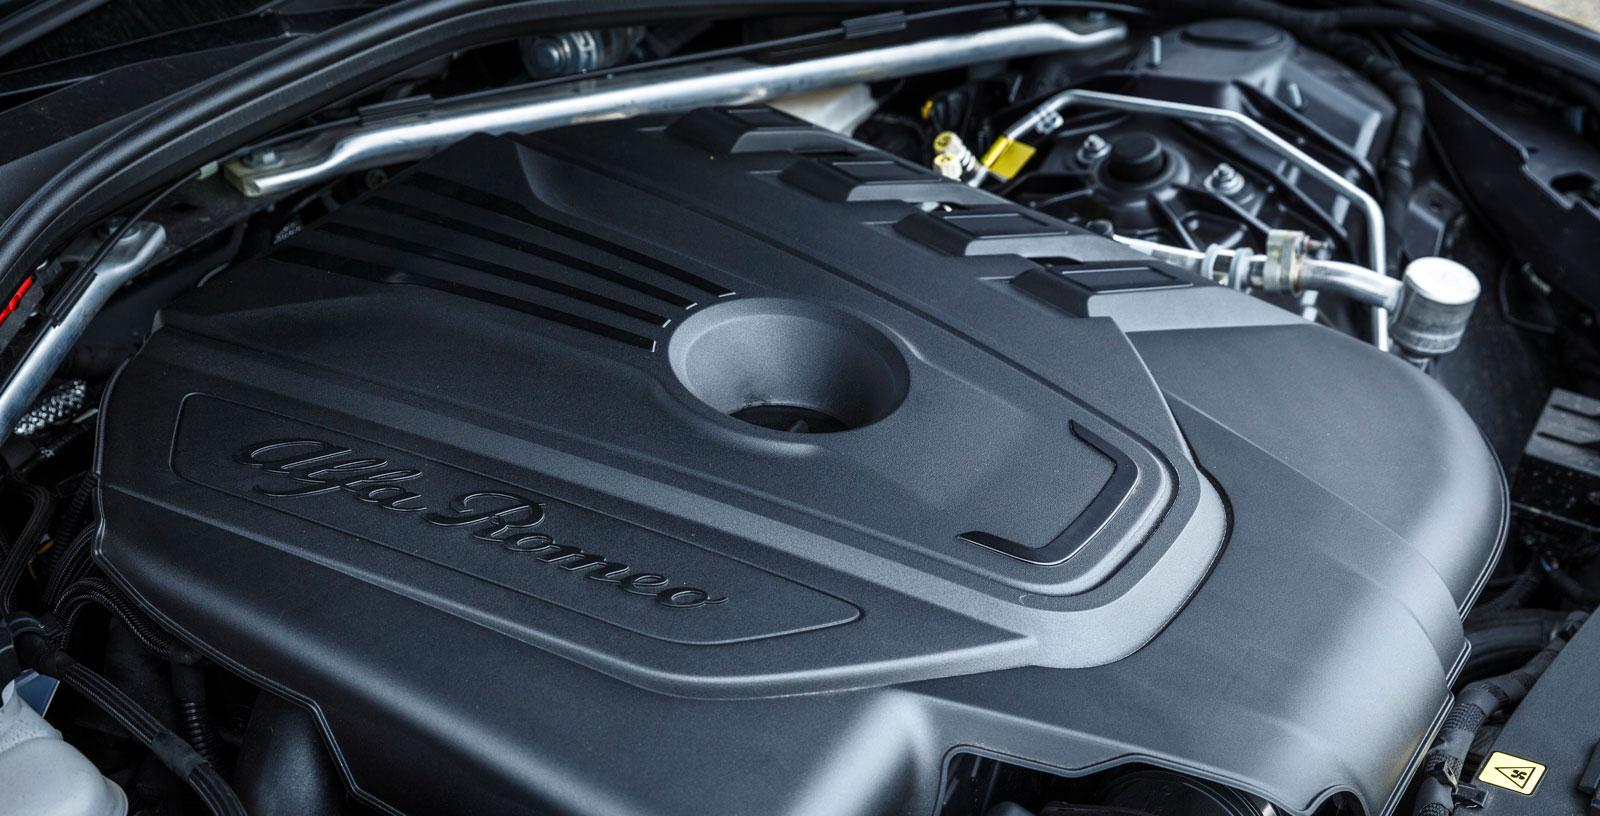 Dieselmaskinen på 180 hk har mycket stark karaktär och är snål på dropparna. Den manuella lådans utväxling är dock så hög att det kan vara svårt att köra smidigt i stan.